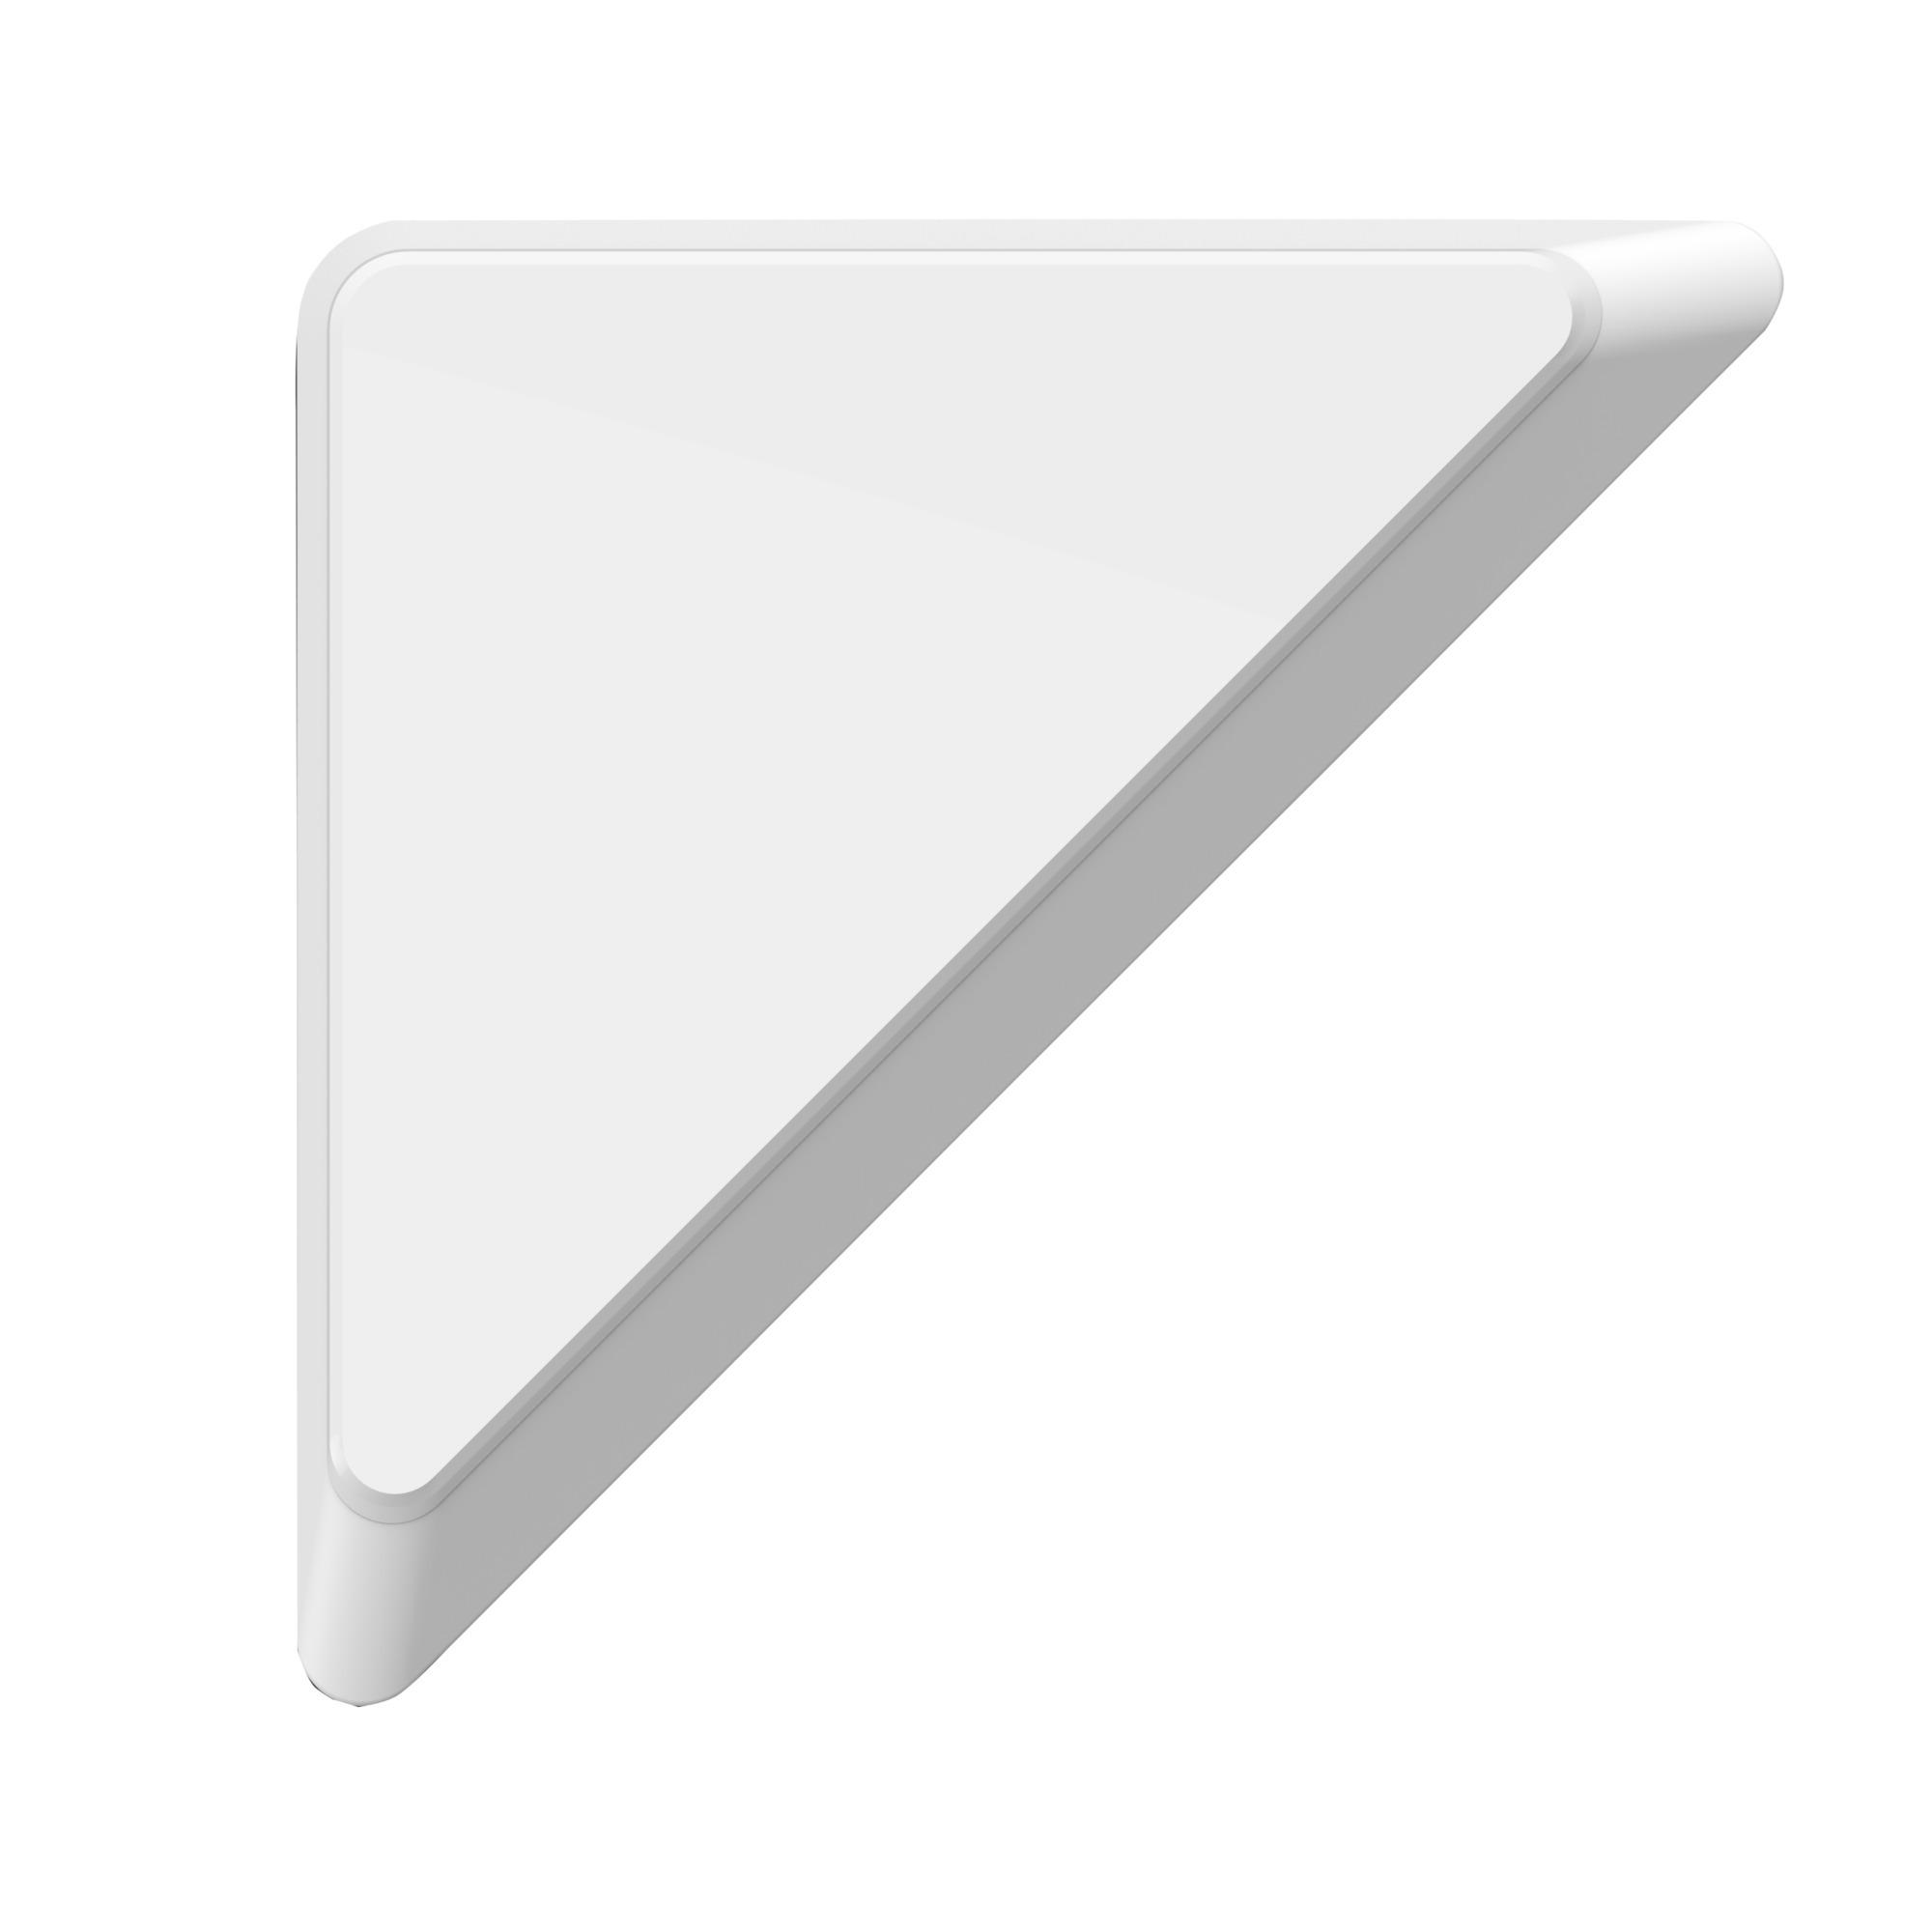 AEOEZW112 Inalámbrico Blanco sensor de puerta / ventana, Detector de apertura